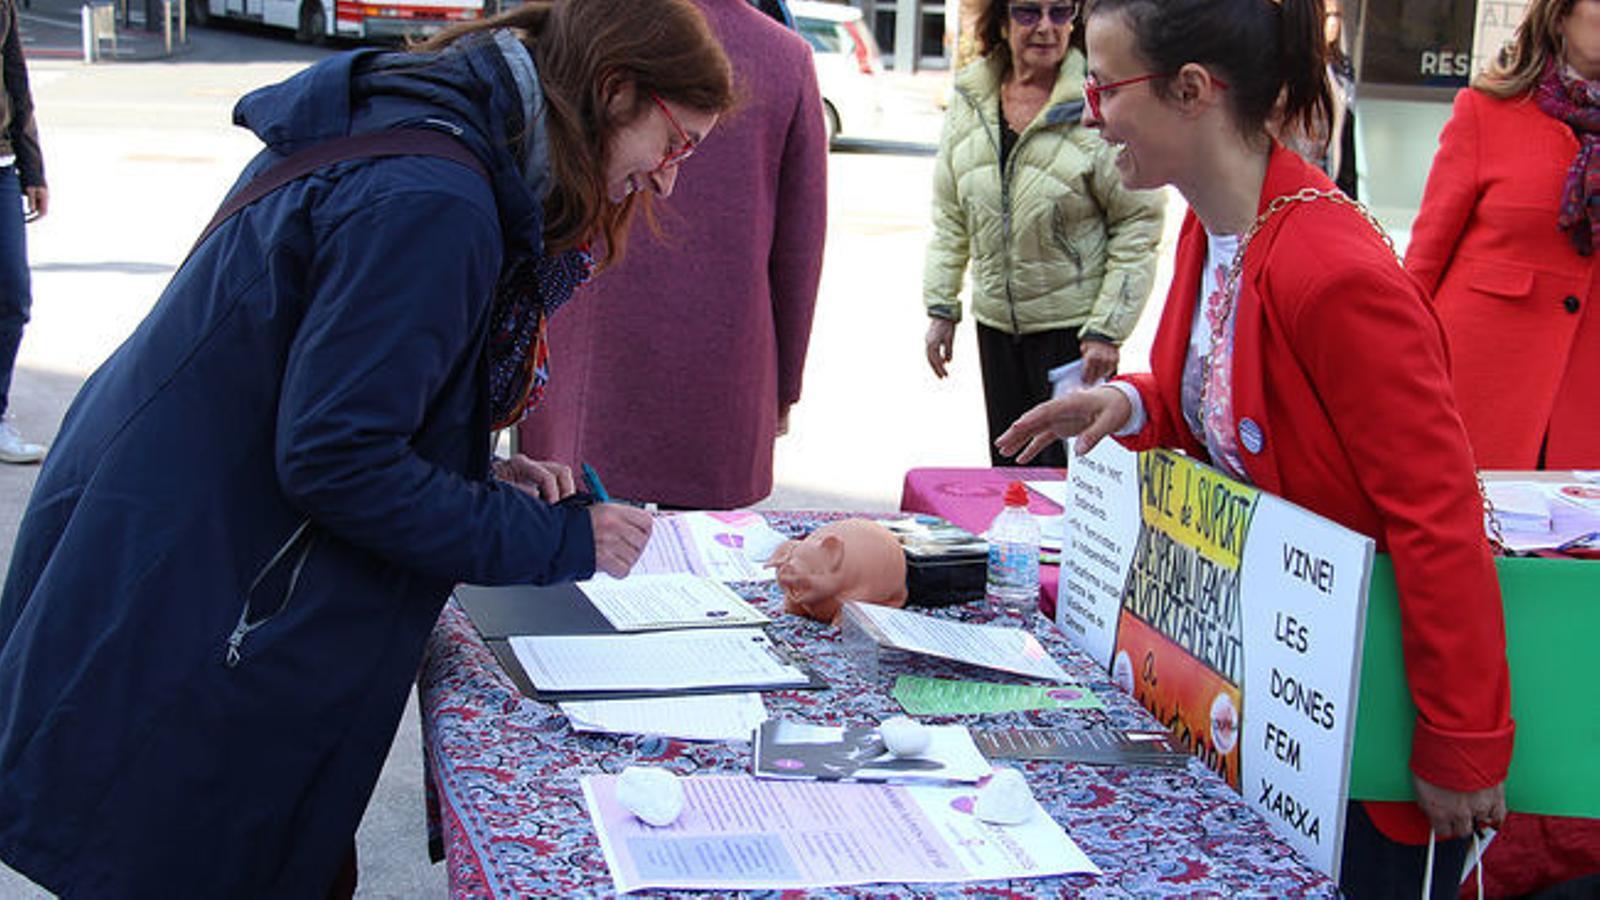 Recollida de signatures per part d'Stop Violències per legalitzar l'avortament a Andorra. / ARXIU ANA